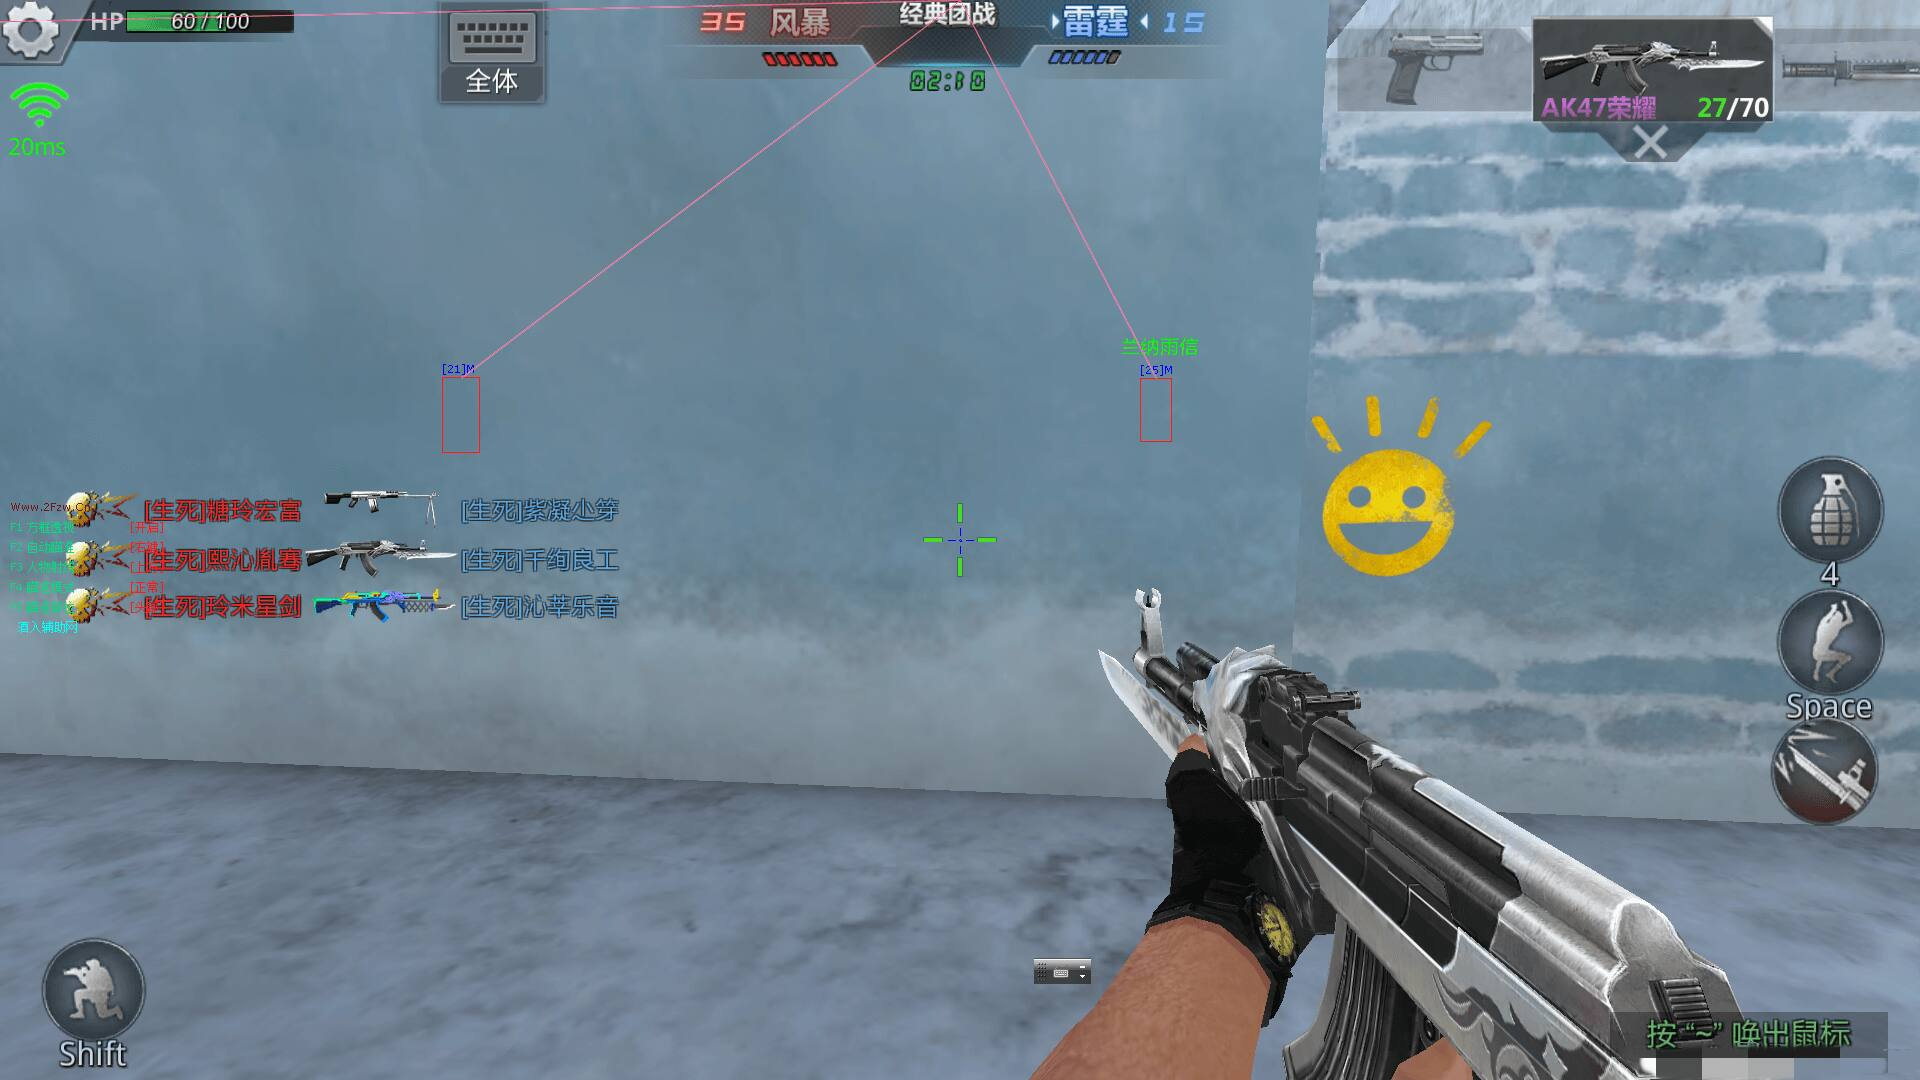 「红尘」生死狙击HD透视自瞄长期辅助破解版-第1张图片-小冰资源网